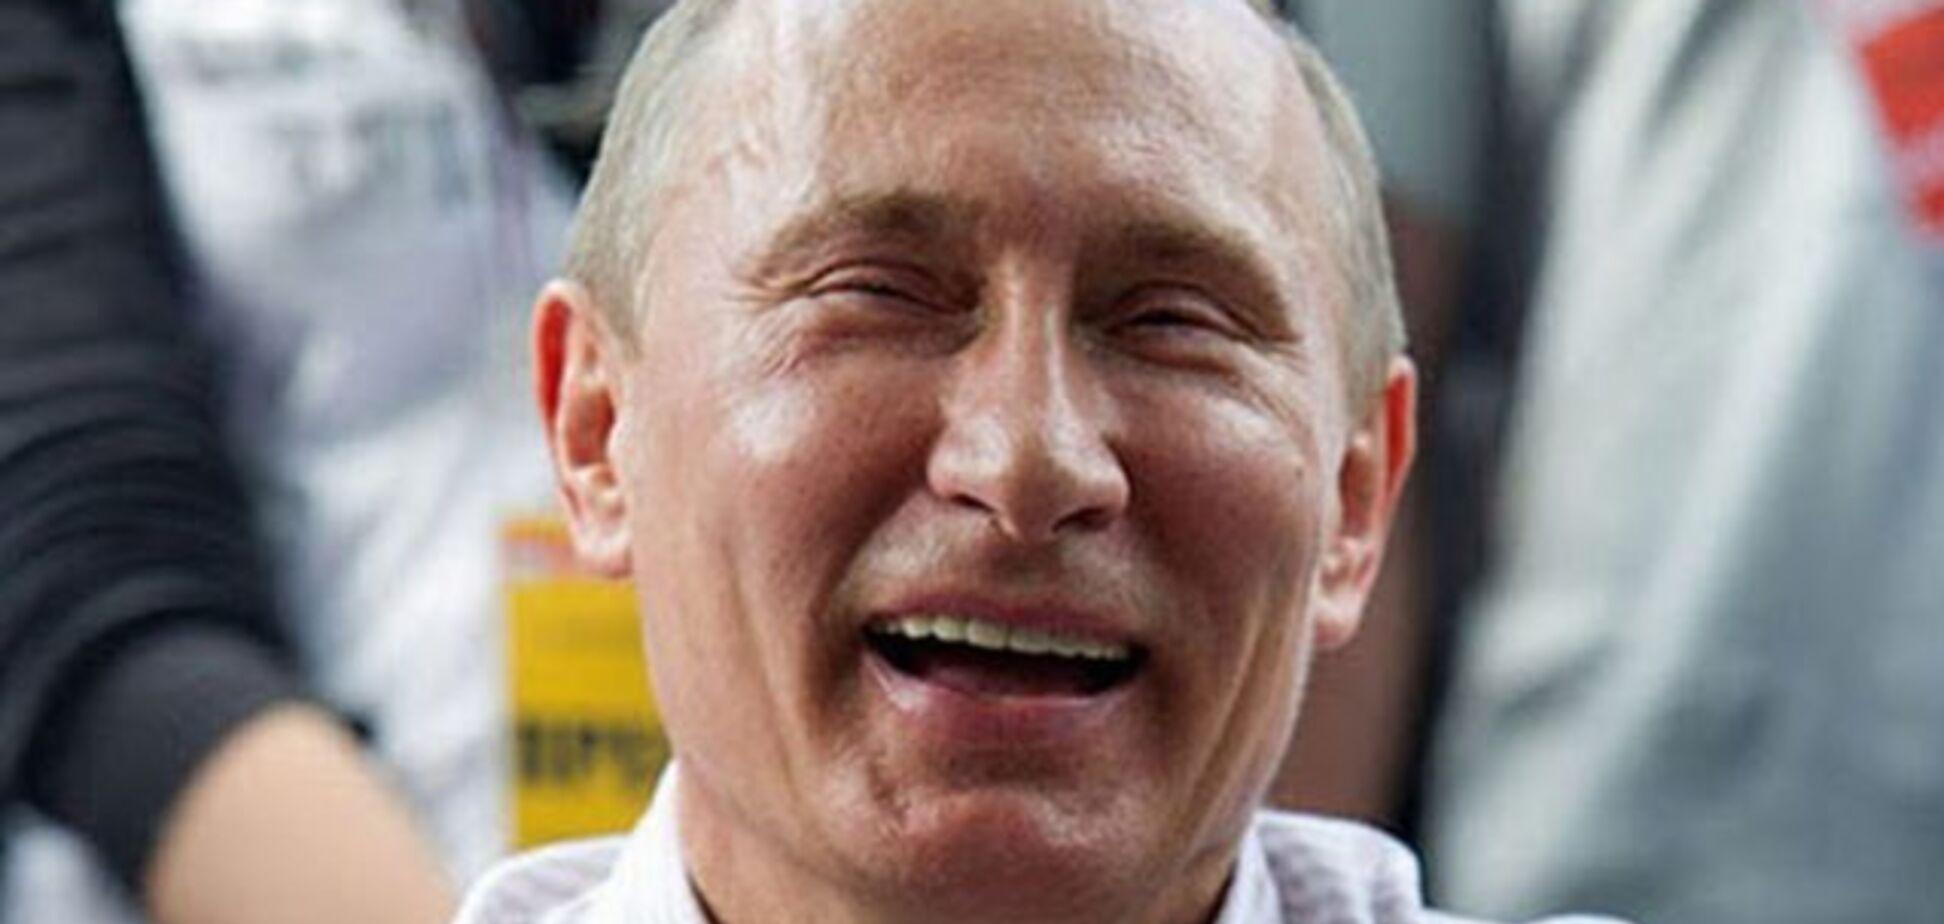 Причина оглупления россиян под Путиным. Рецепт борьбы за свободу России